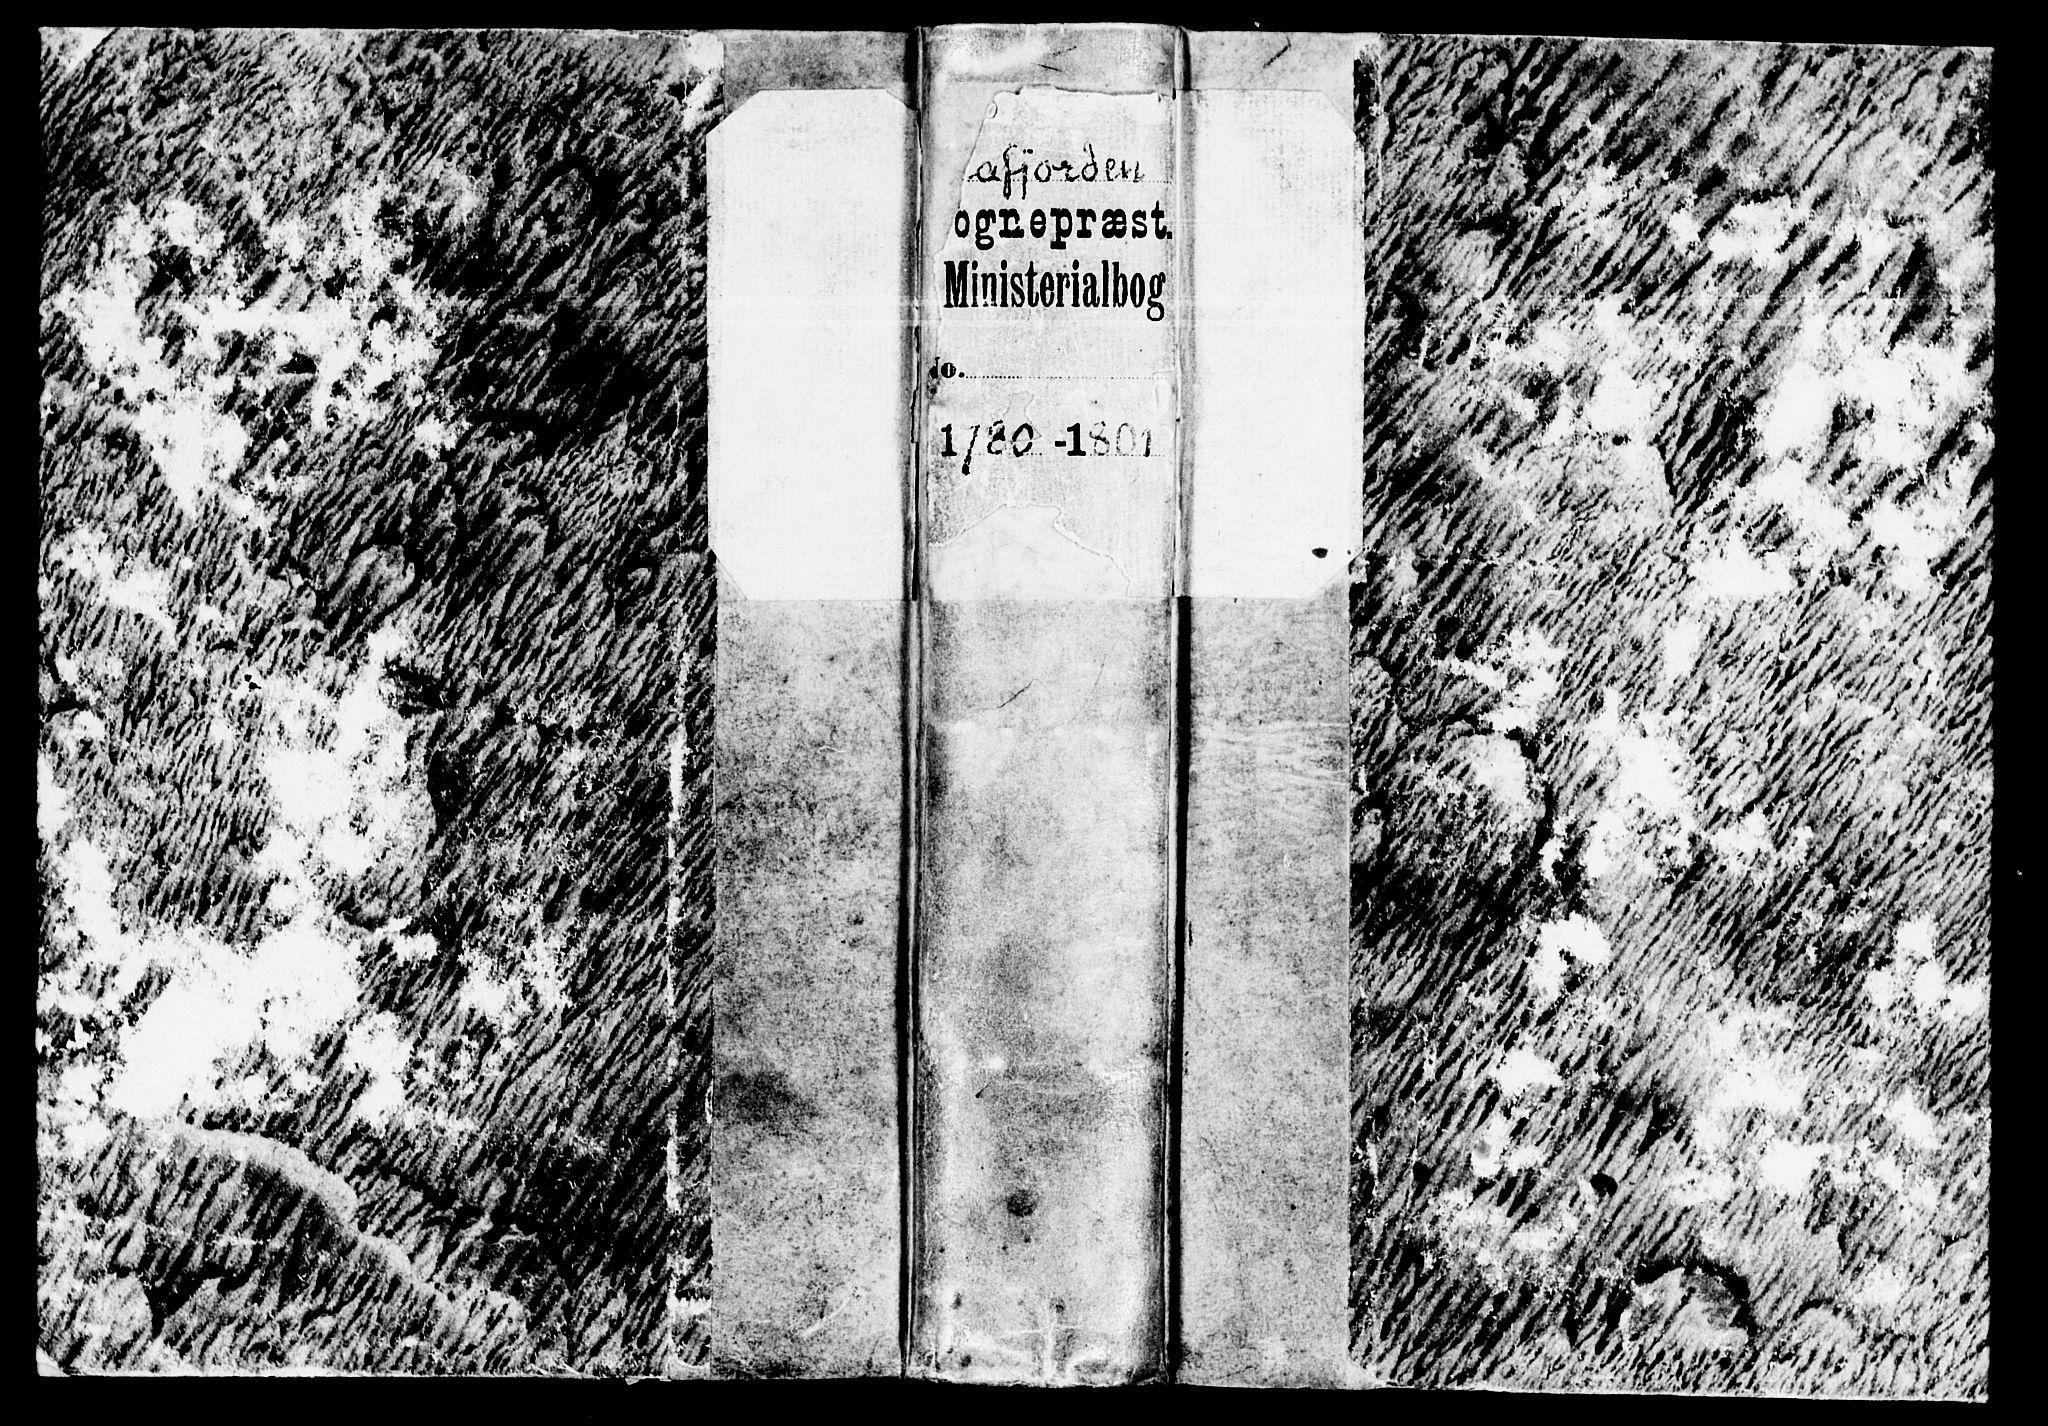 SAT, Ministerialprotokoller, klokkerbøker og fødselsregistre - Sør-Trøndelag, 655/L0673: Ministerialbok nr. 655A02, 1780-1801